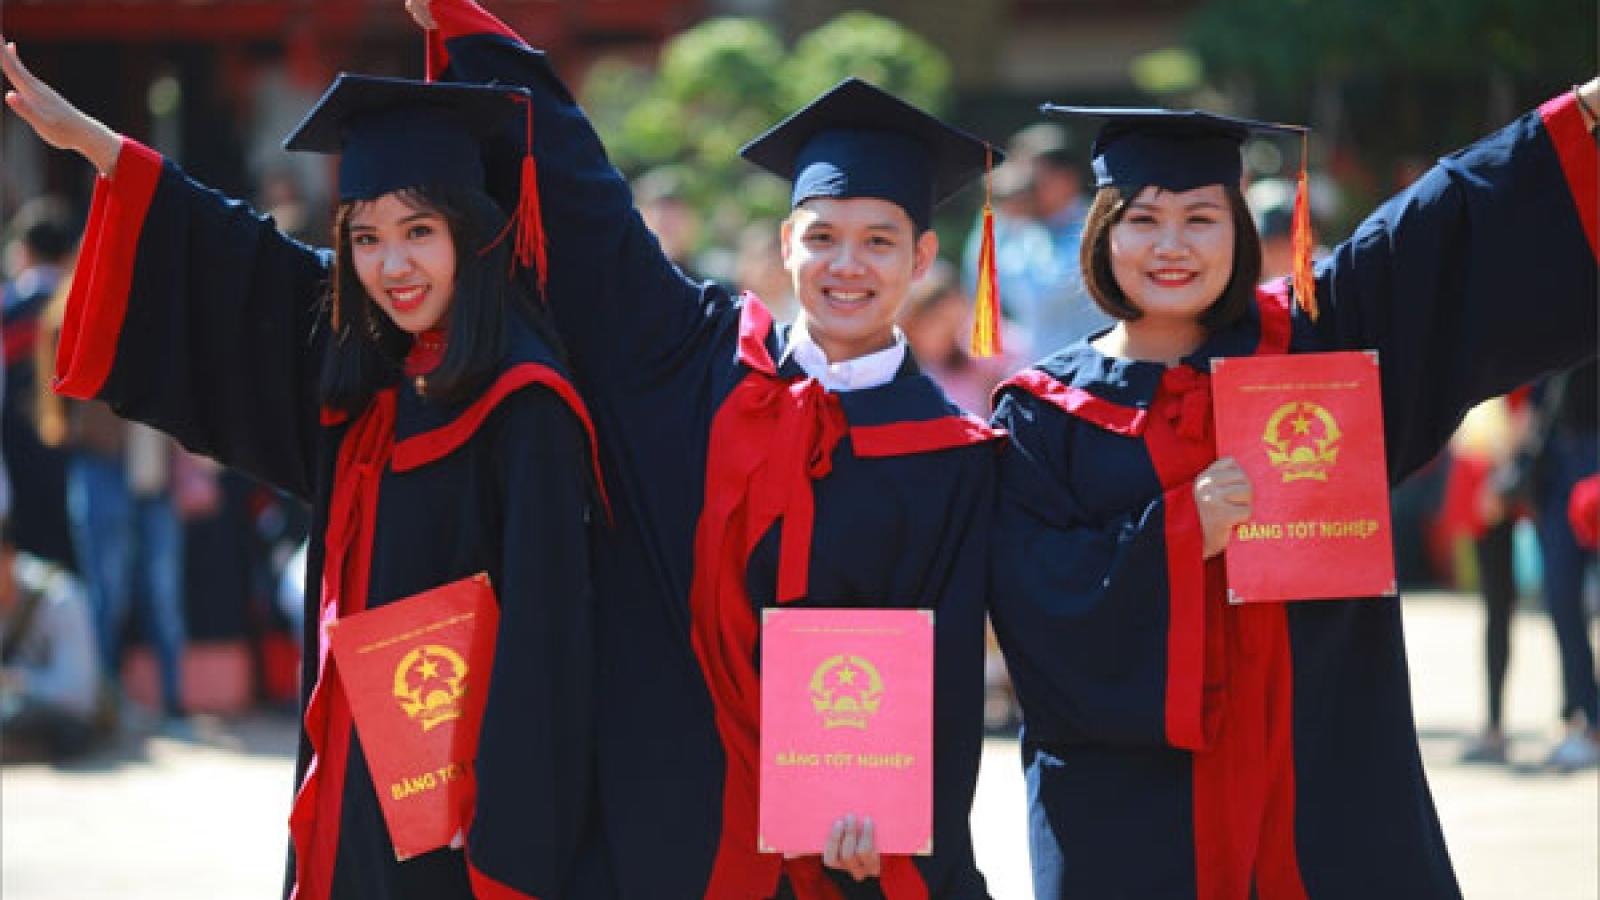 Tự chủ đại học: Hướng đi đúng trong khuôn khổ pháp luật